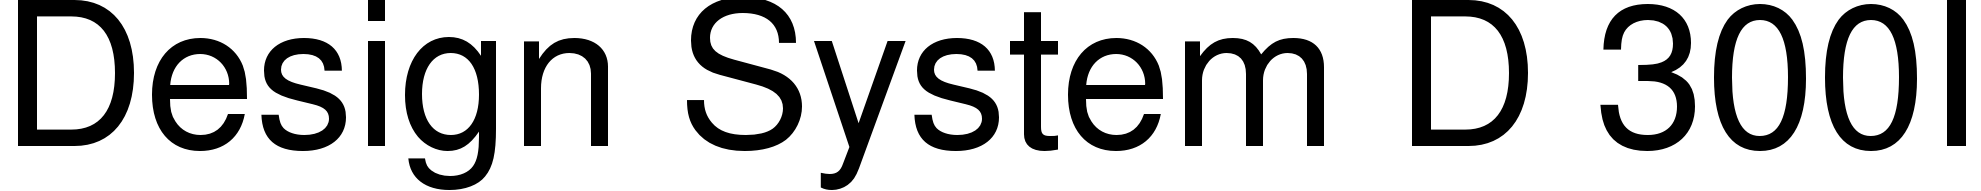 Design System D 300I